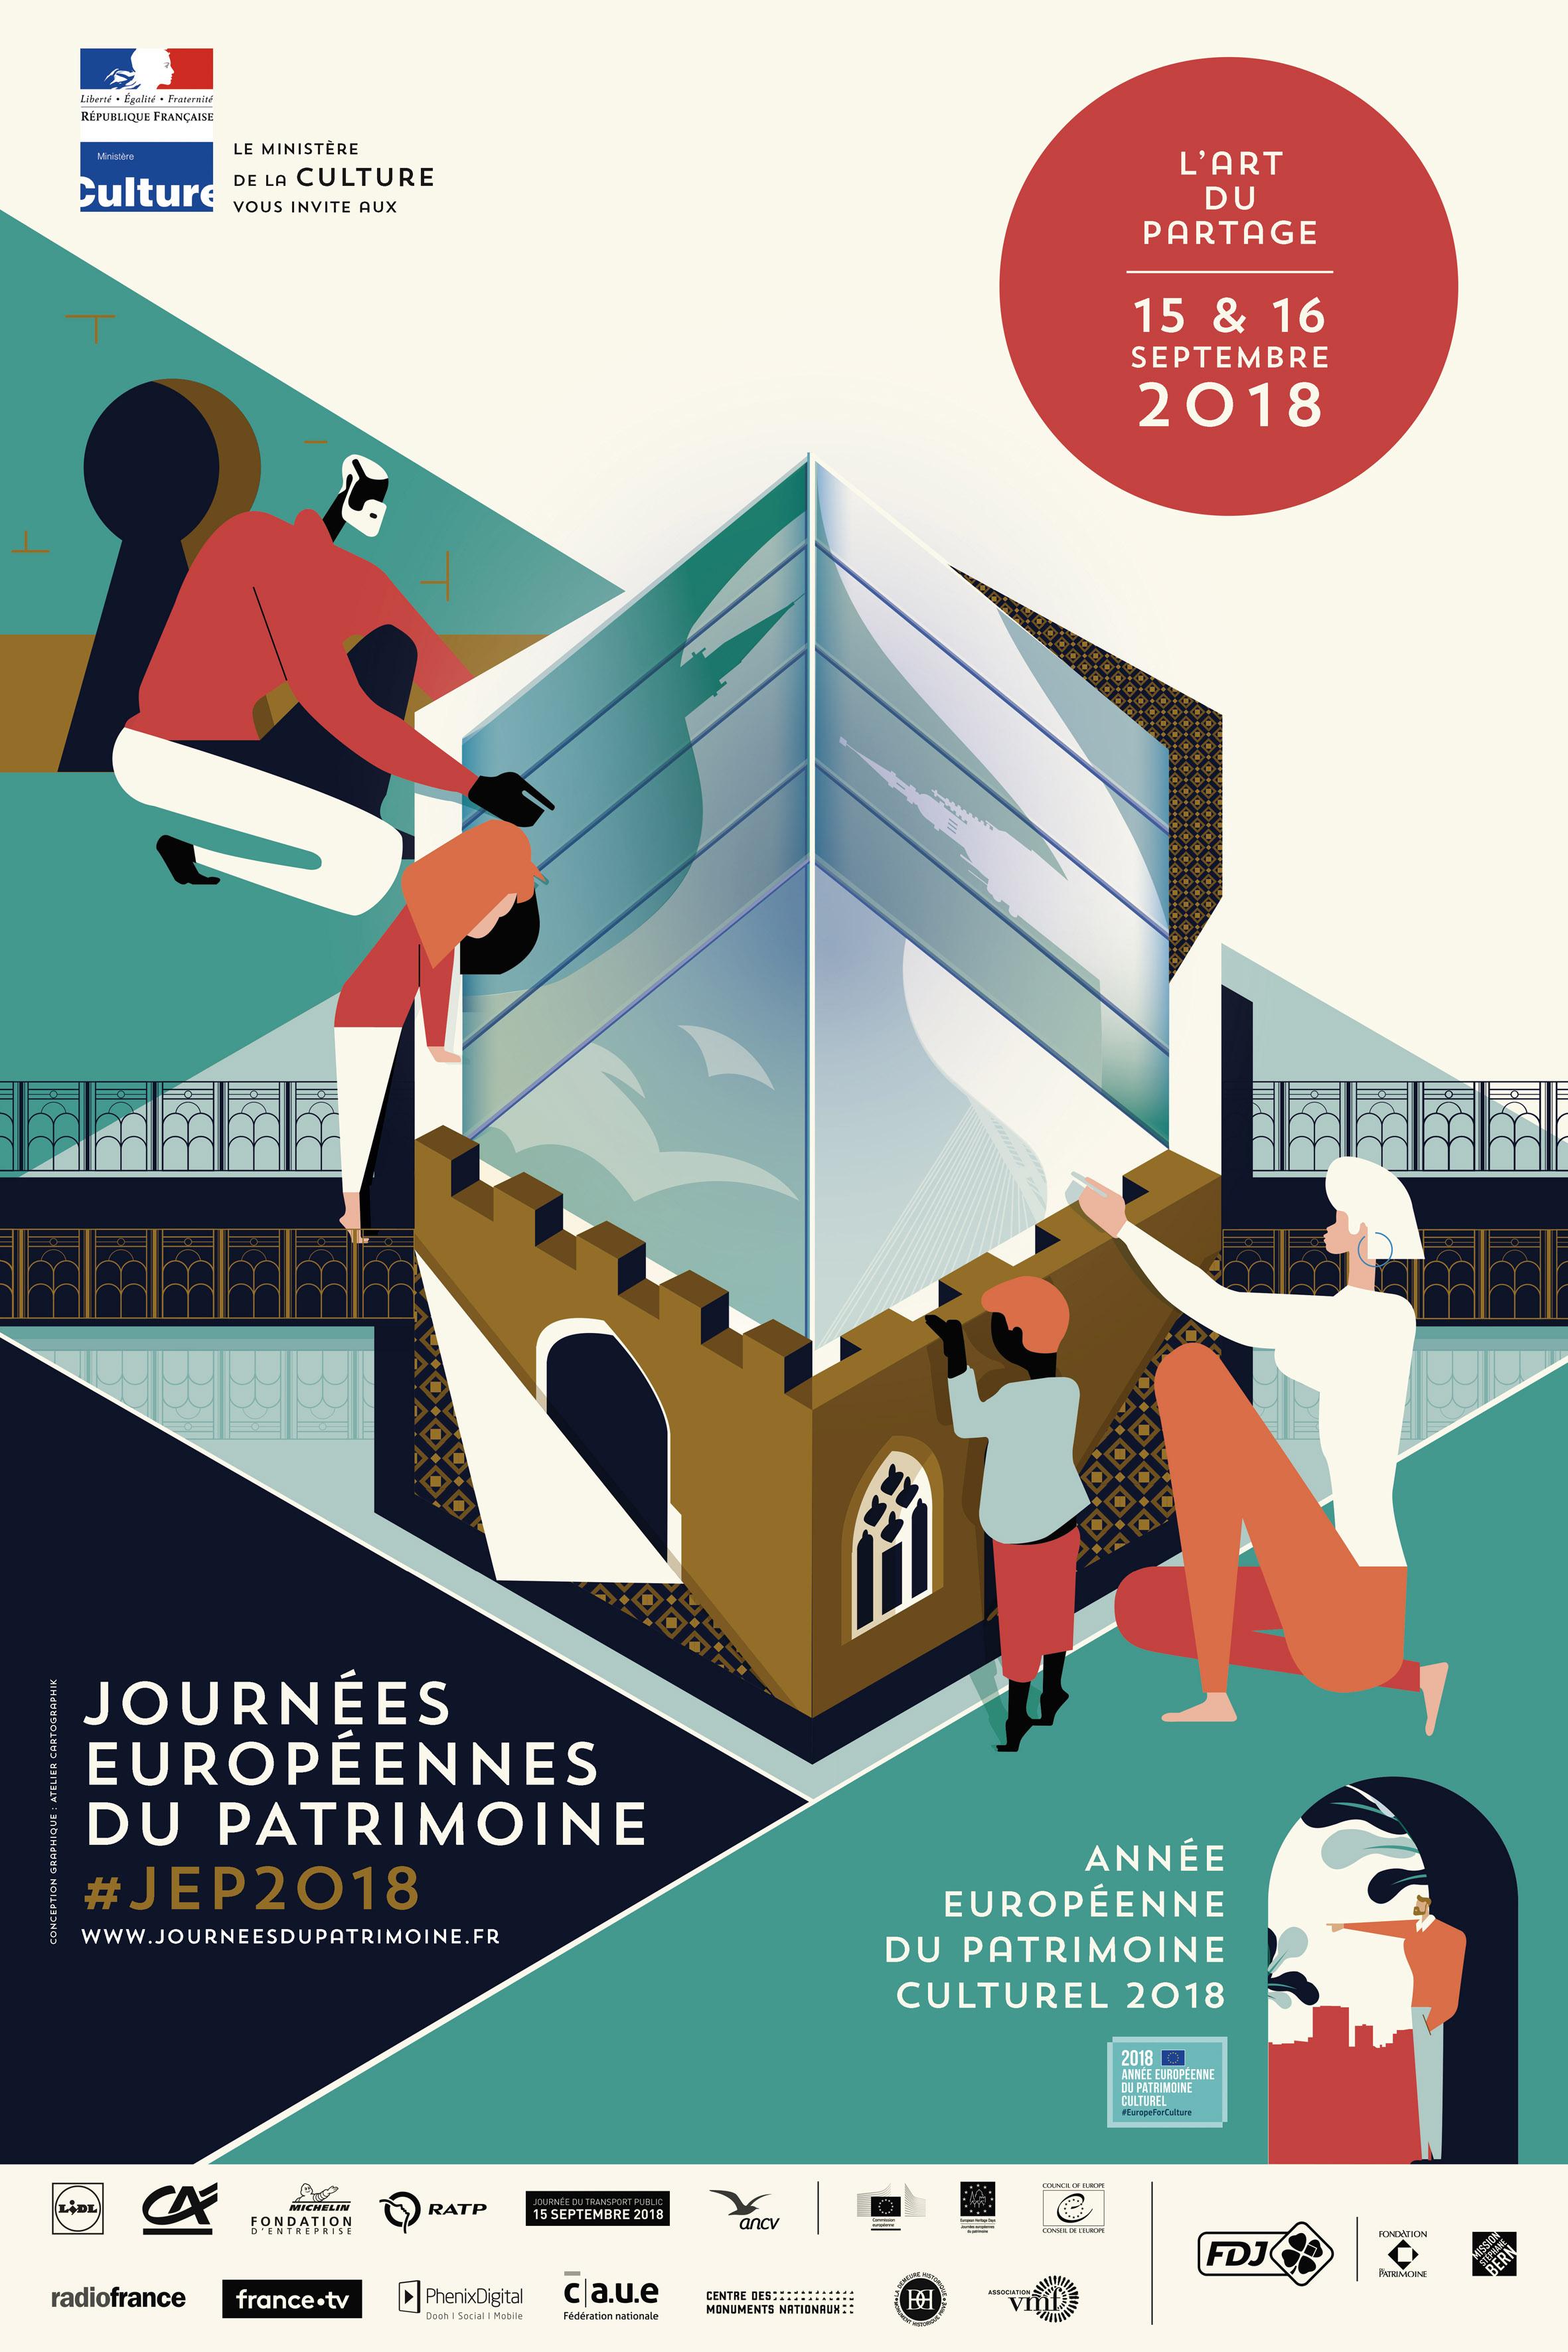 JOURNEES EUROPEENNES DU PATRIMOINE - VISITE DE LA VILLE DE BITCHE